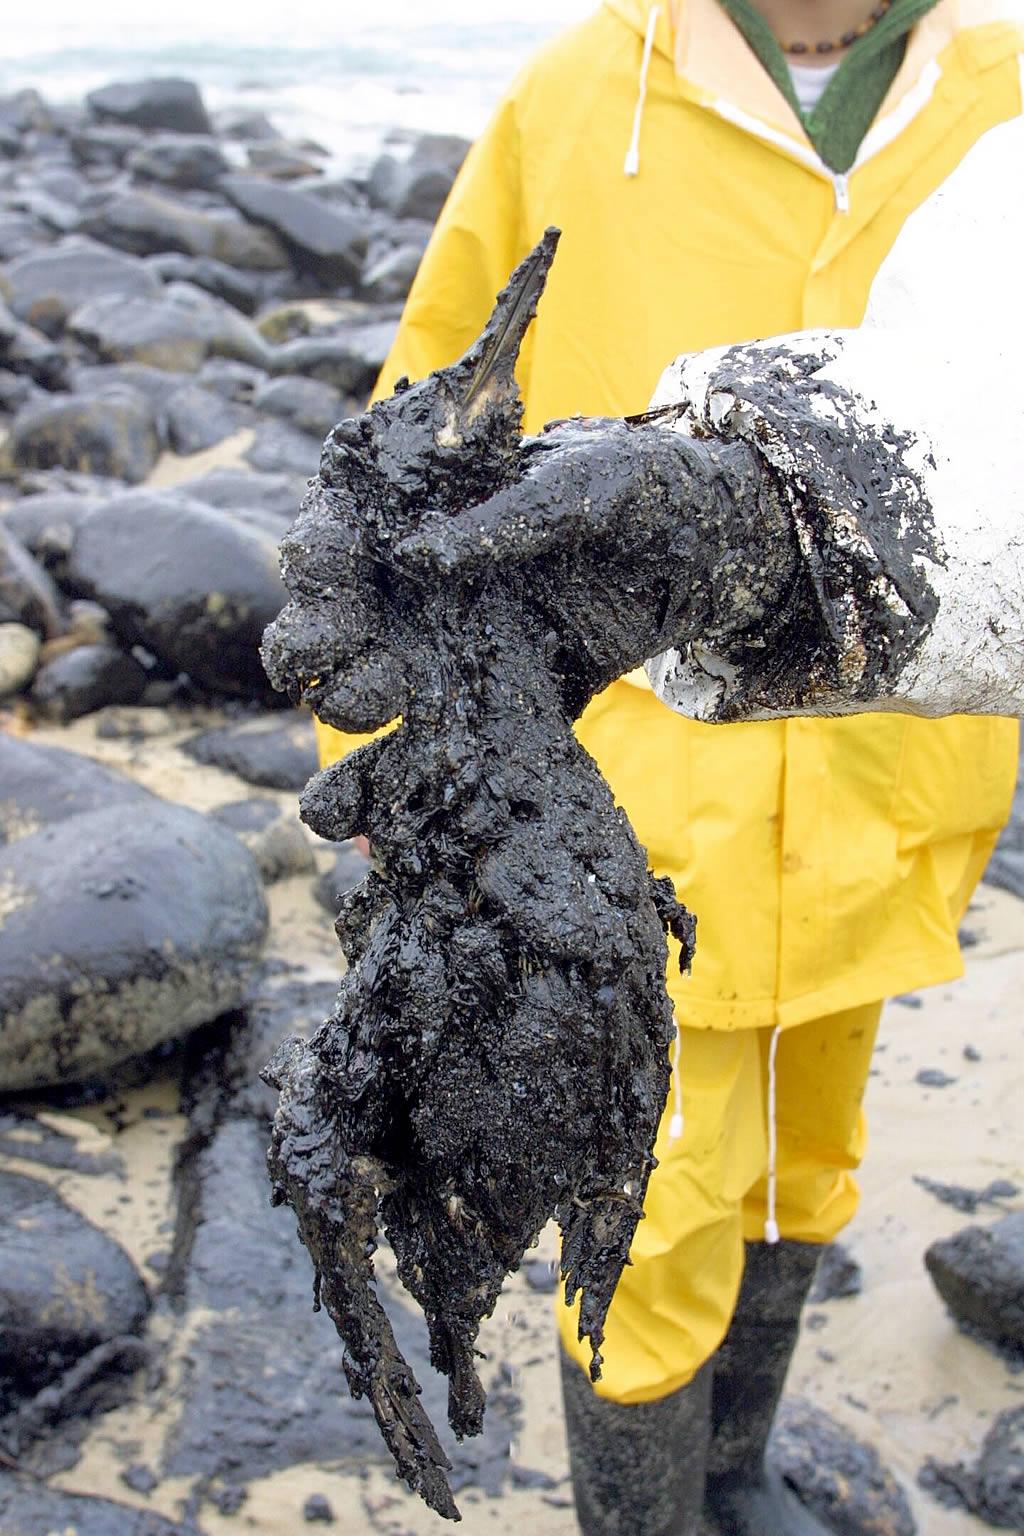 02/01/2003 <br>Un grupo de voluntarios recoge un arao común muerto víctima de la marea negra  <br>Simón Balvís